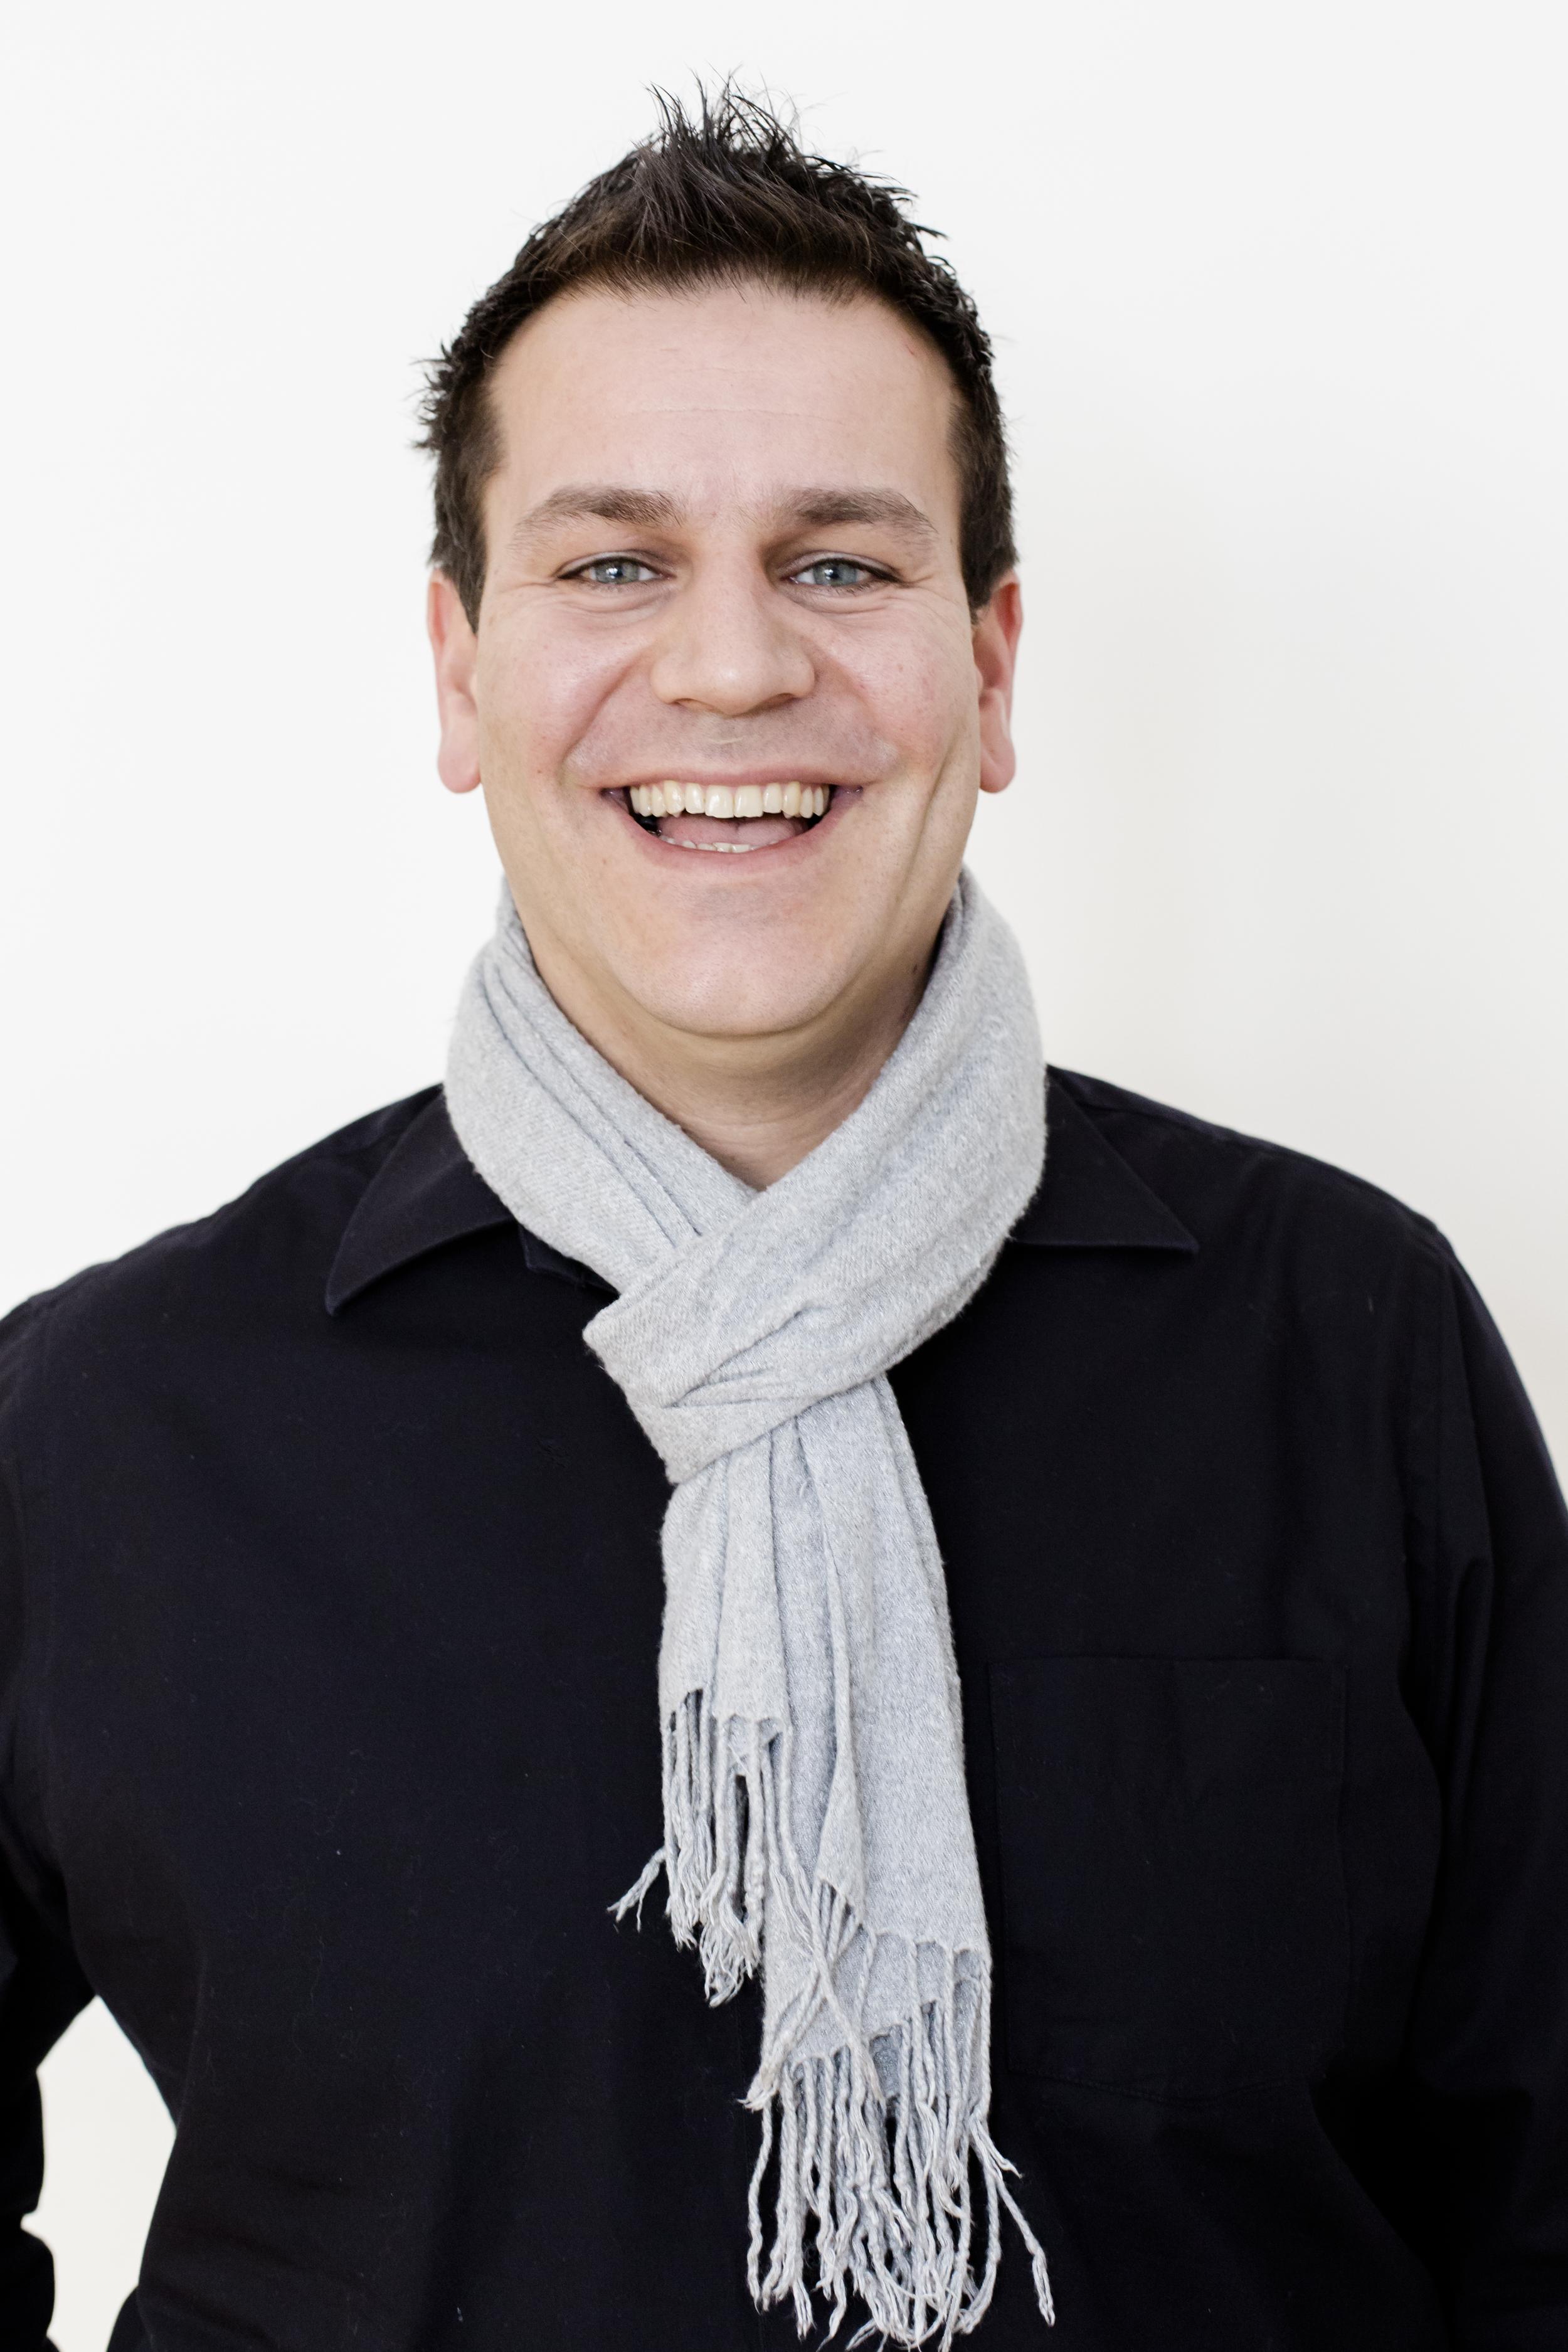 Daniel Freimuth, FLÜCHTLINGSKOORDINATOR DER STADT HANAU